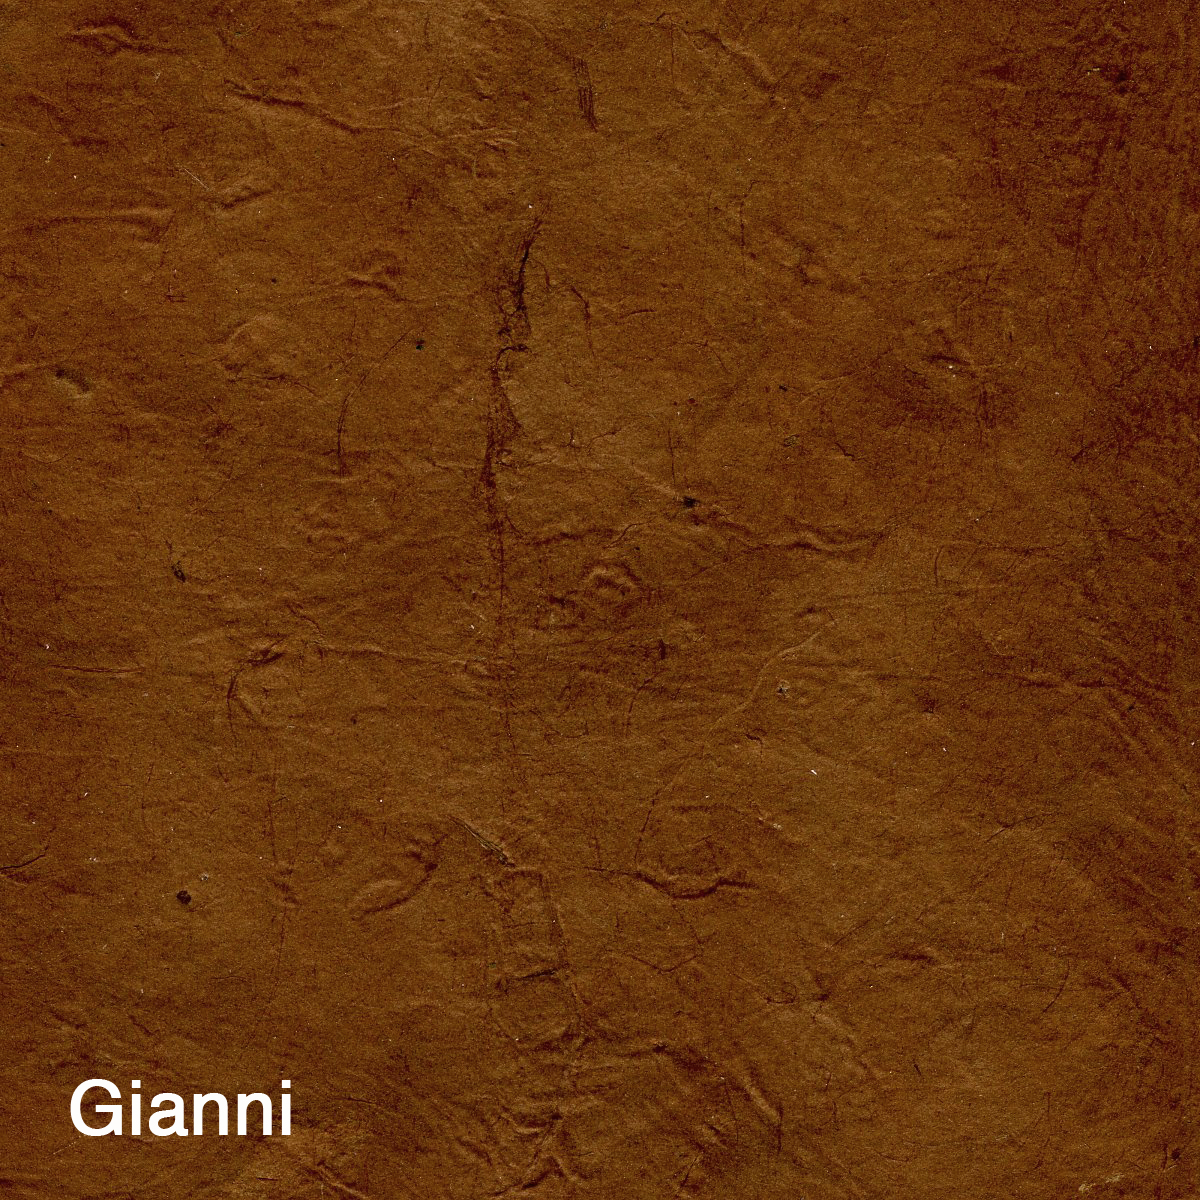 Gianni.jpg